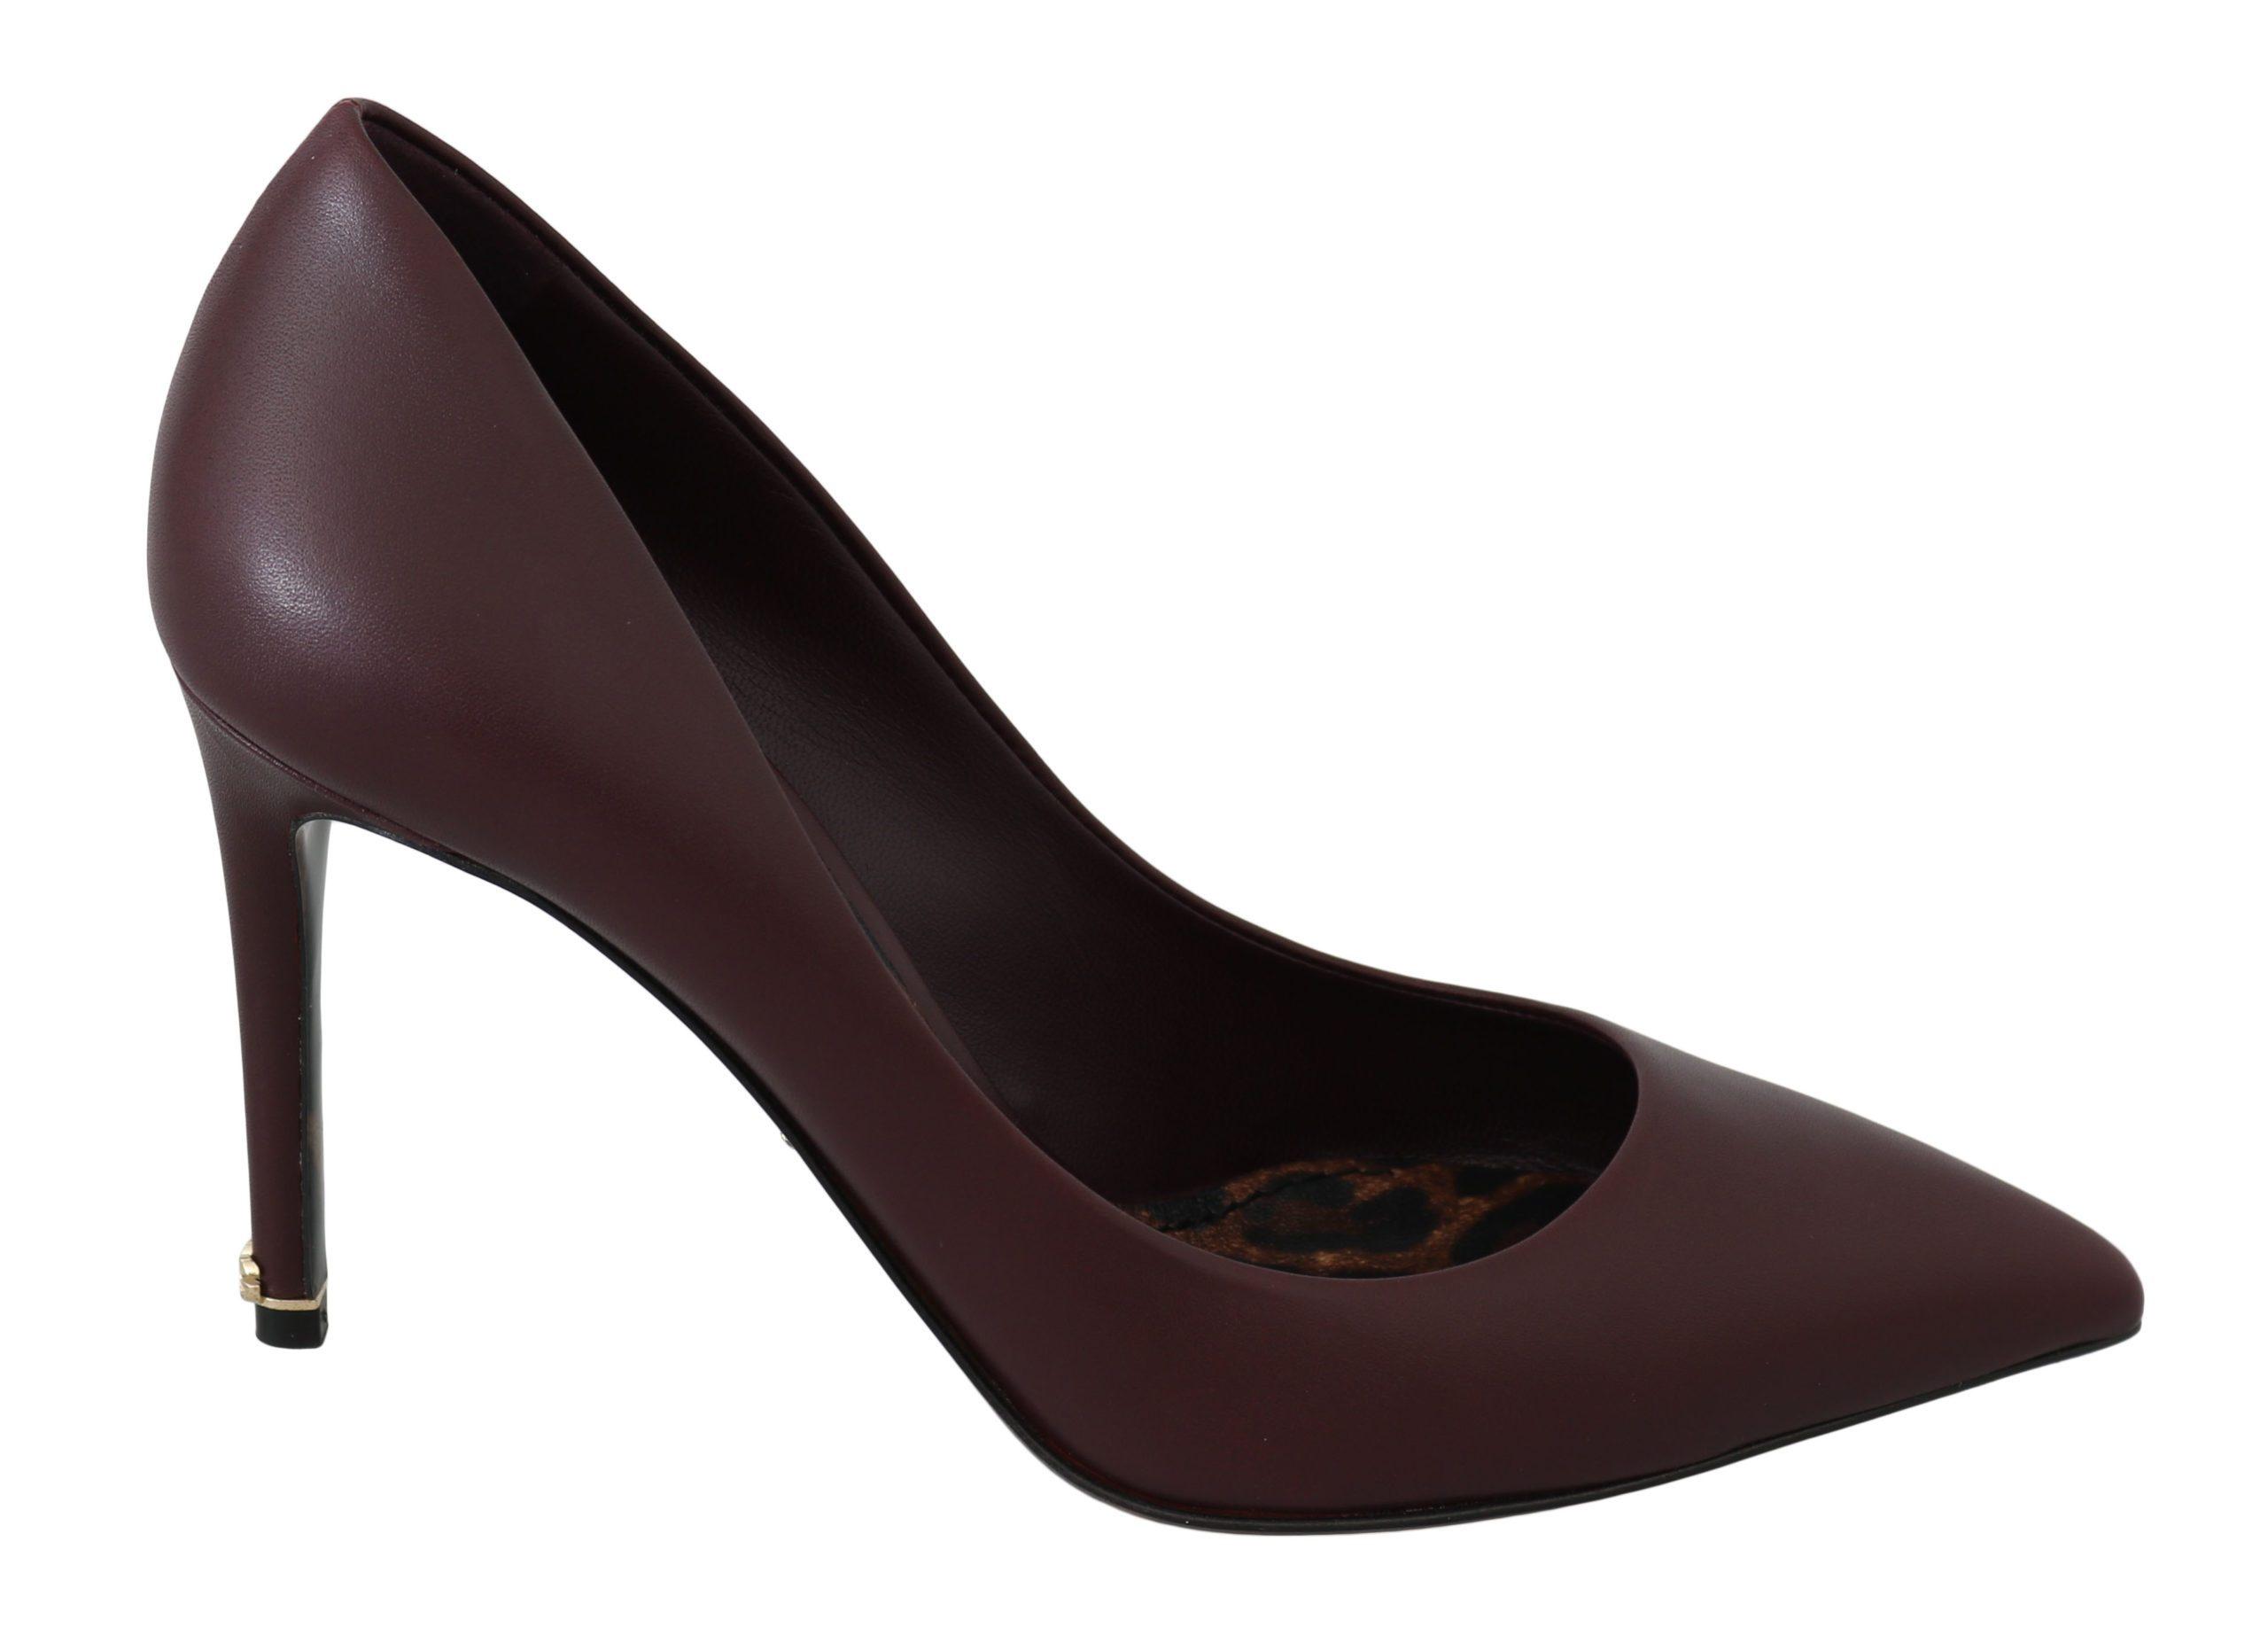 Dolce & Gabbana Women's Stilettos Bordeaux Leather Heels Bordeaux LA6297 - EU35.5/US5